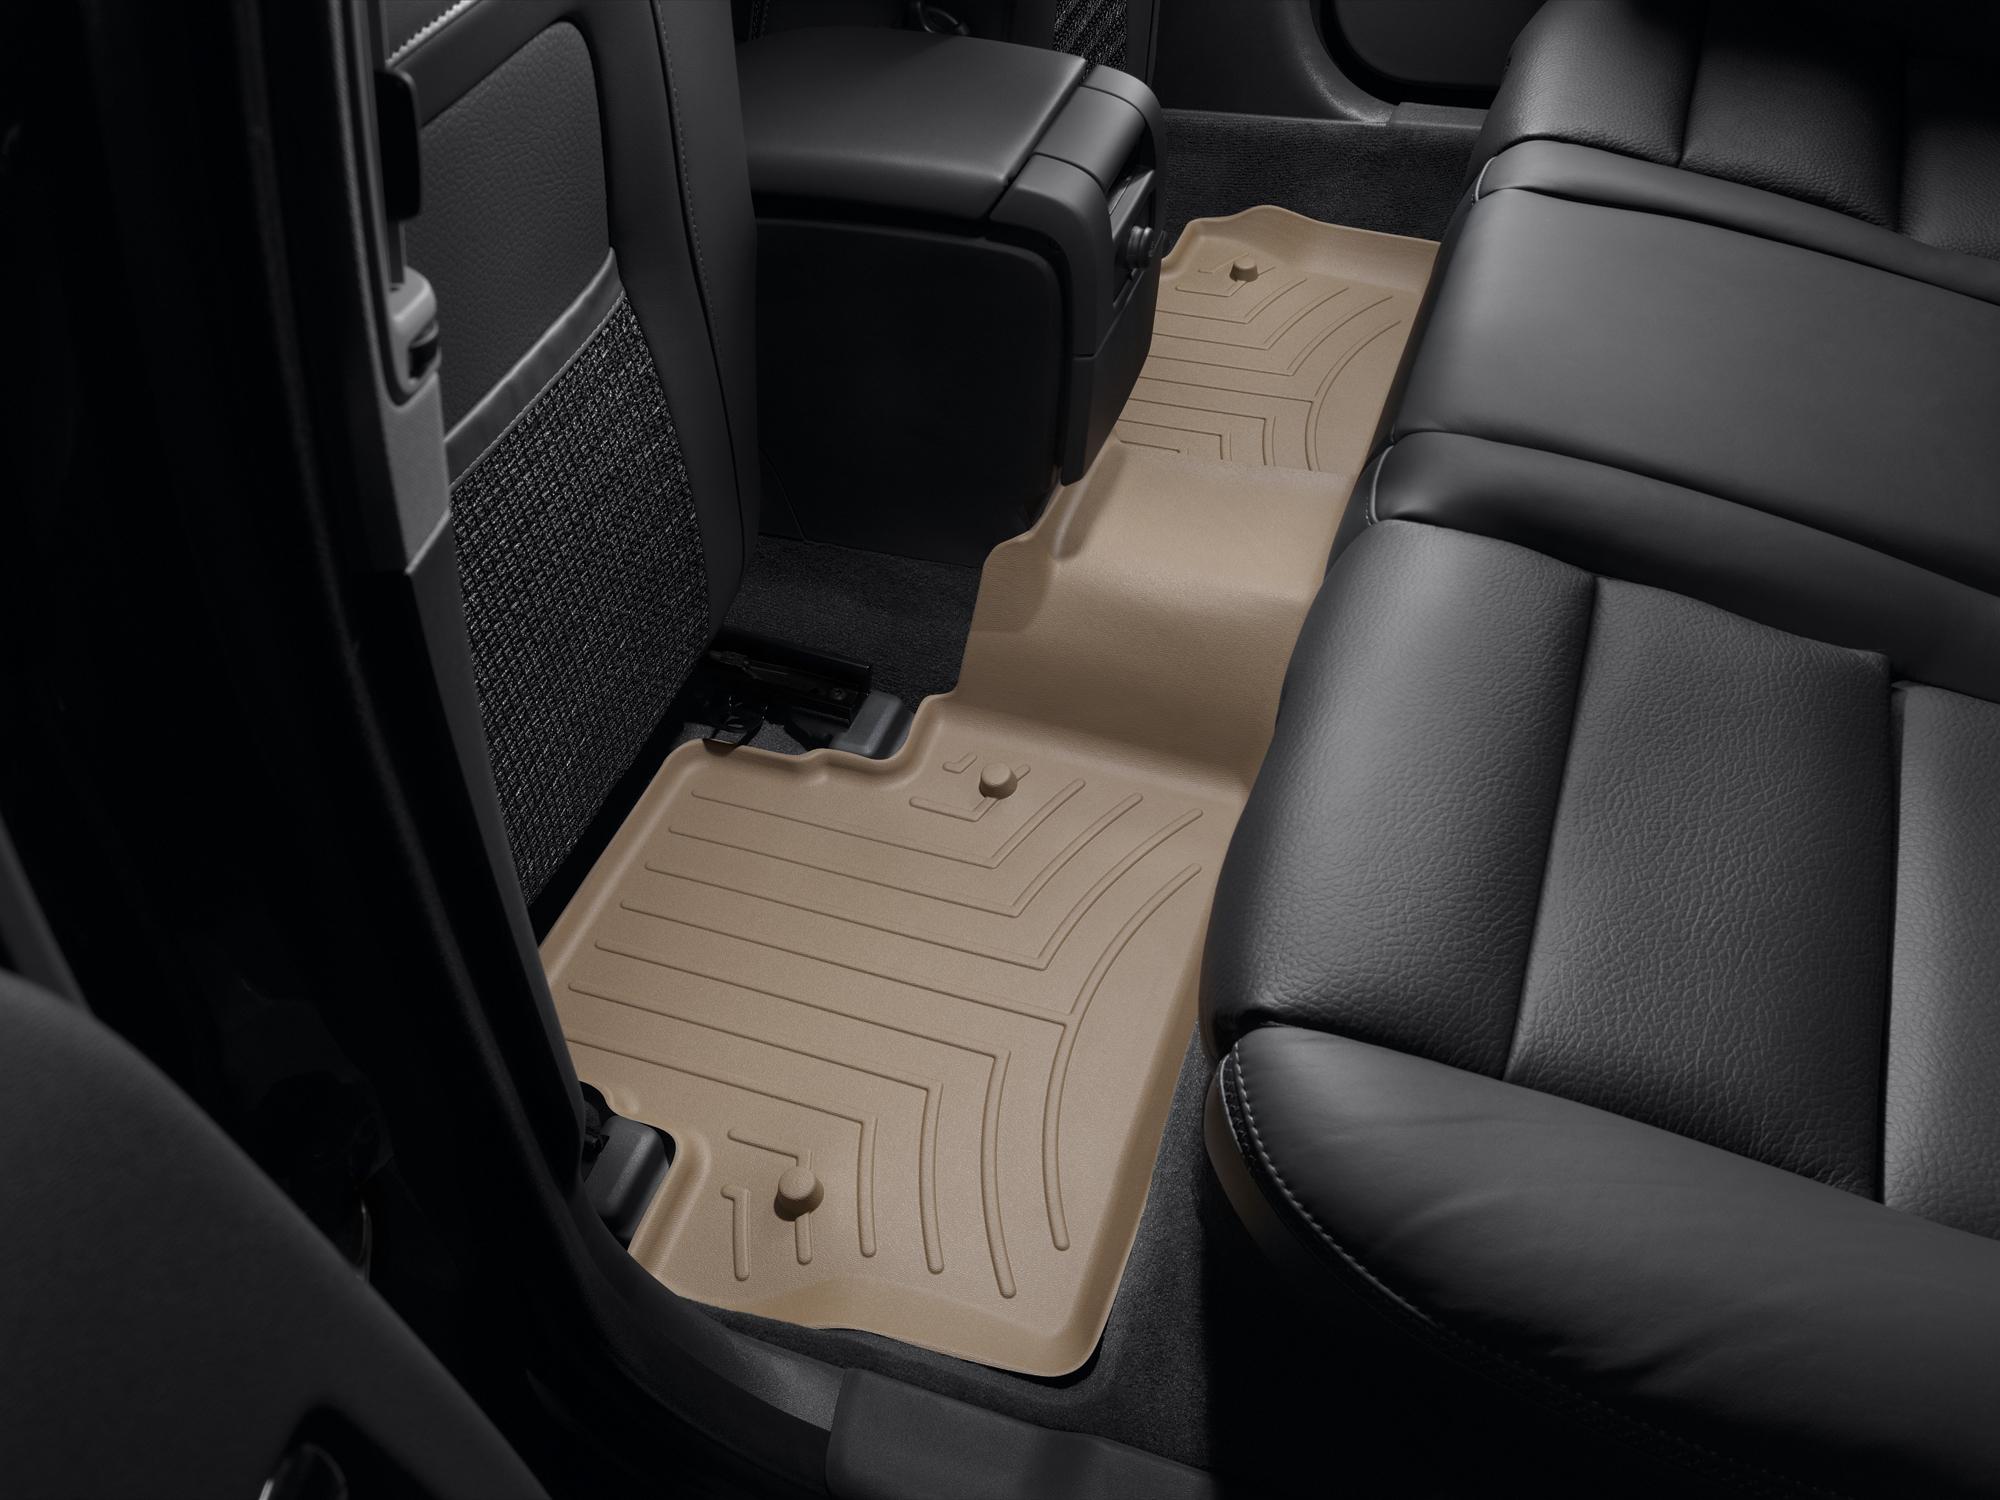 Tappeti gomma su misura bordo alto Volvo V70 08>17 Marrone A4416*